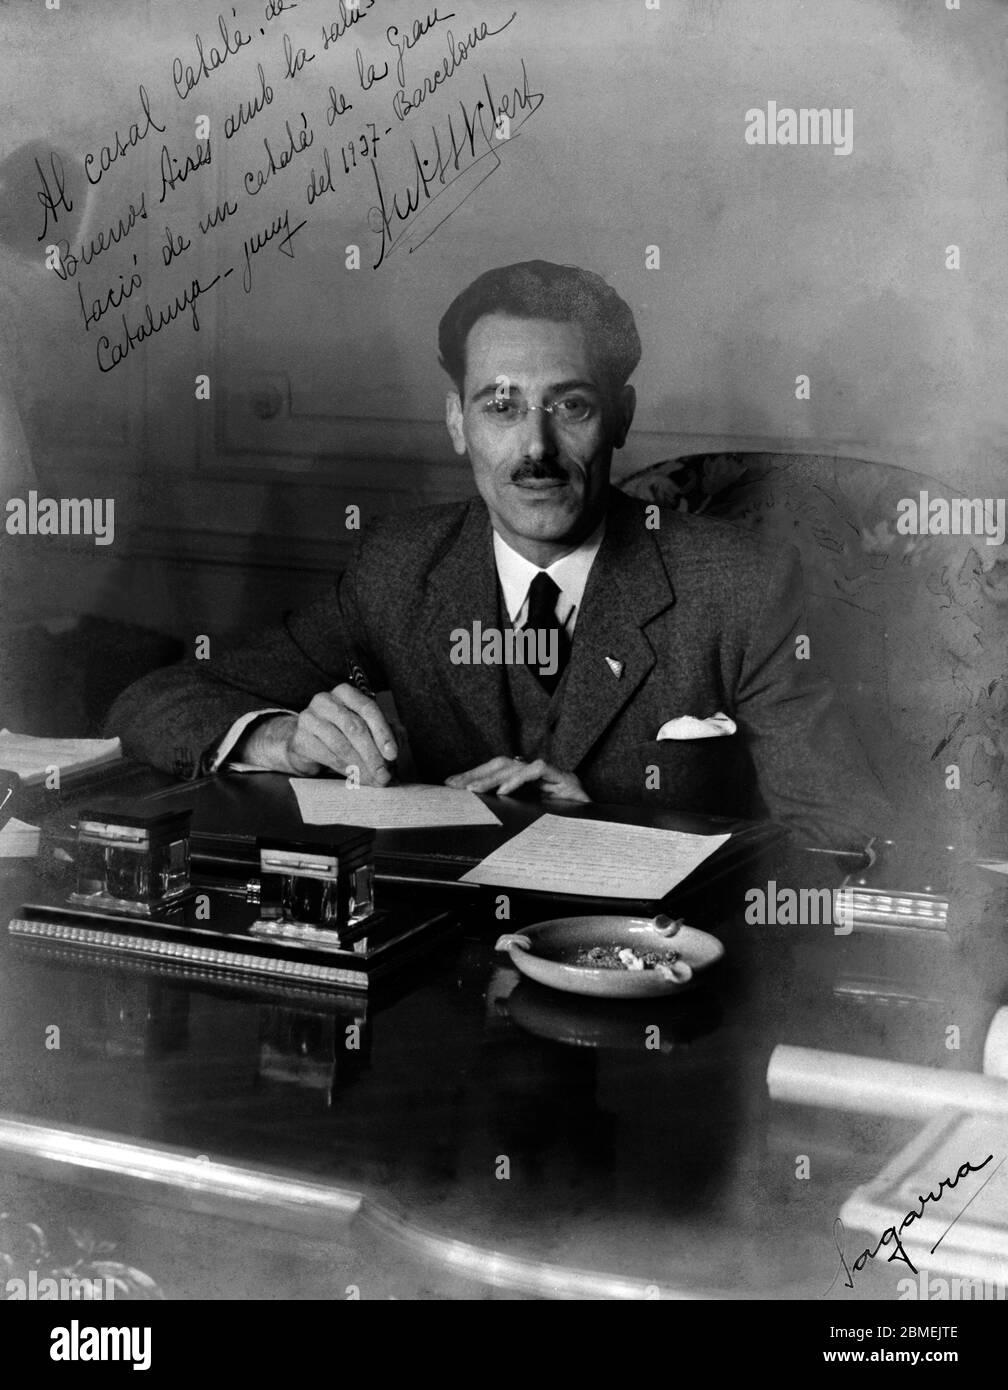 Antonio Mallorca Profesora De Ruso 1937 1901 fotos e imágenes de stock - alamy